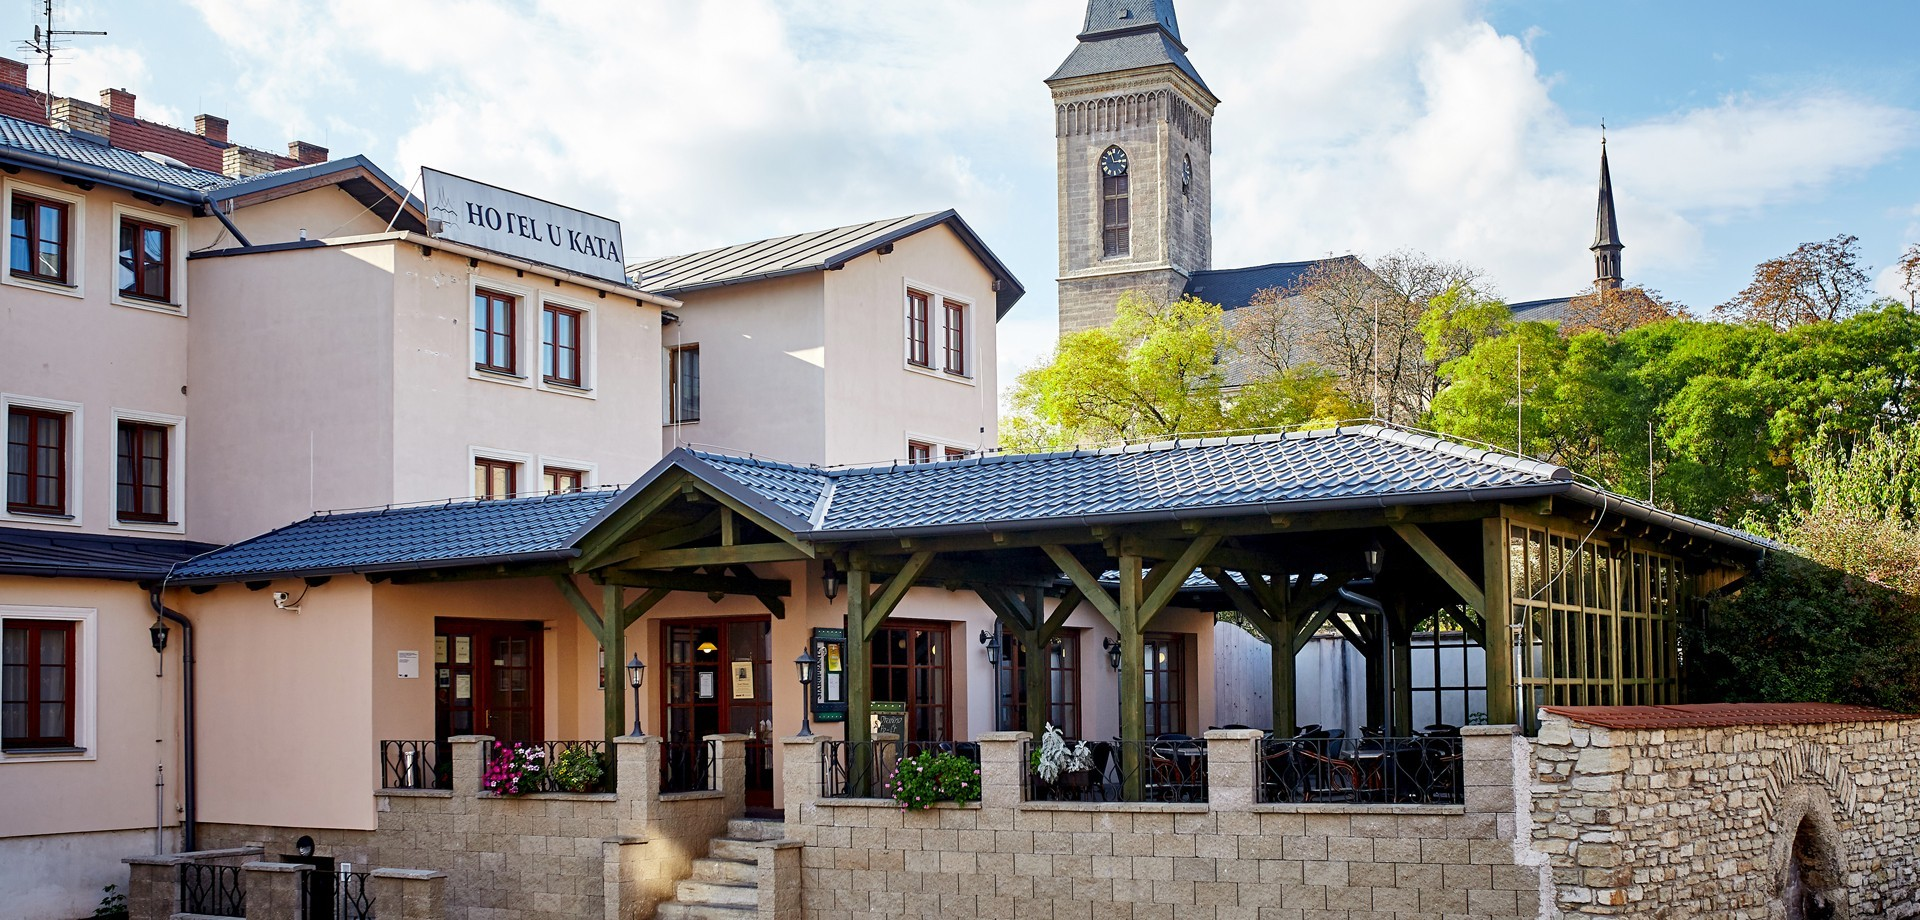 Hotel U Kata (1)